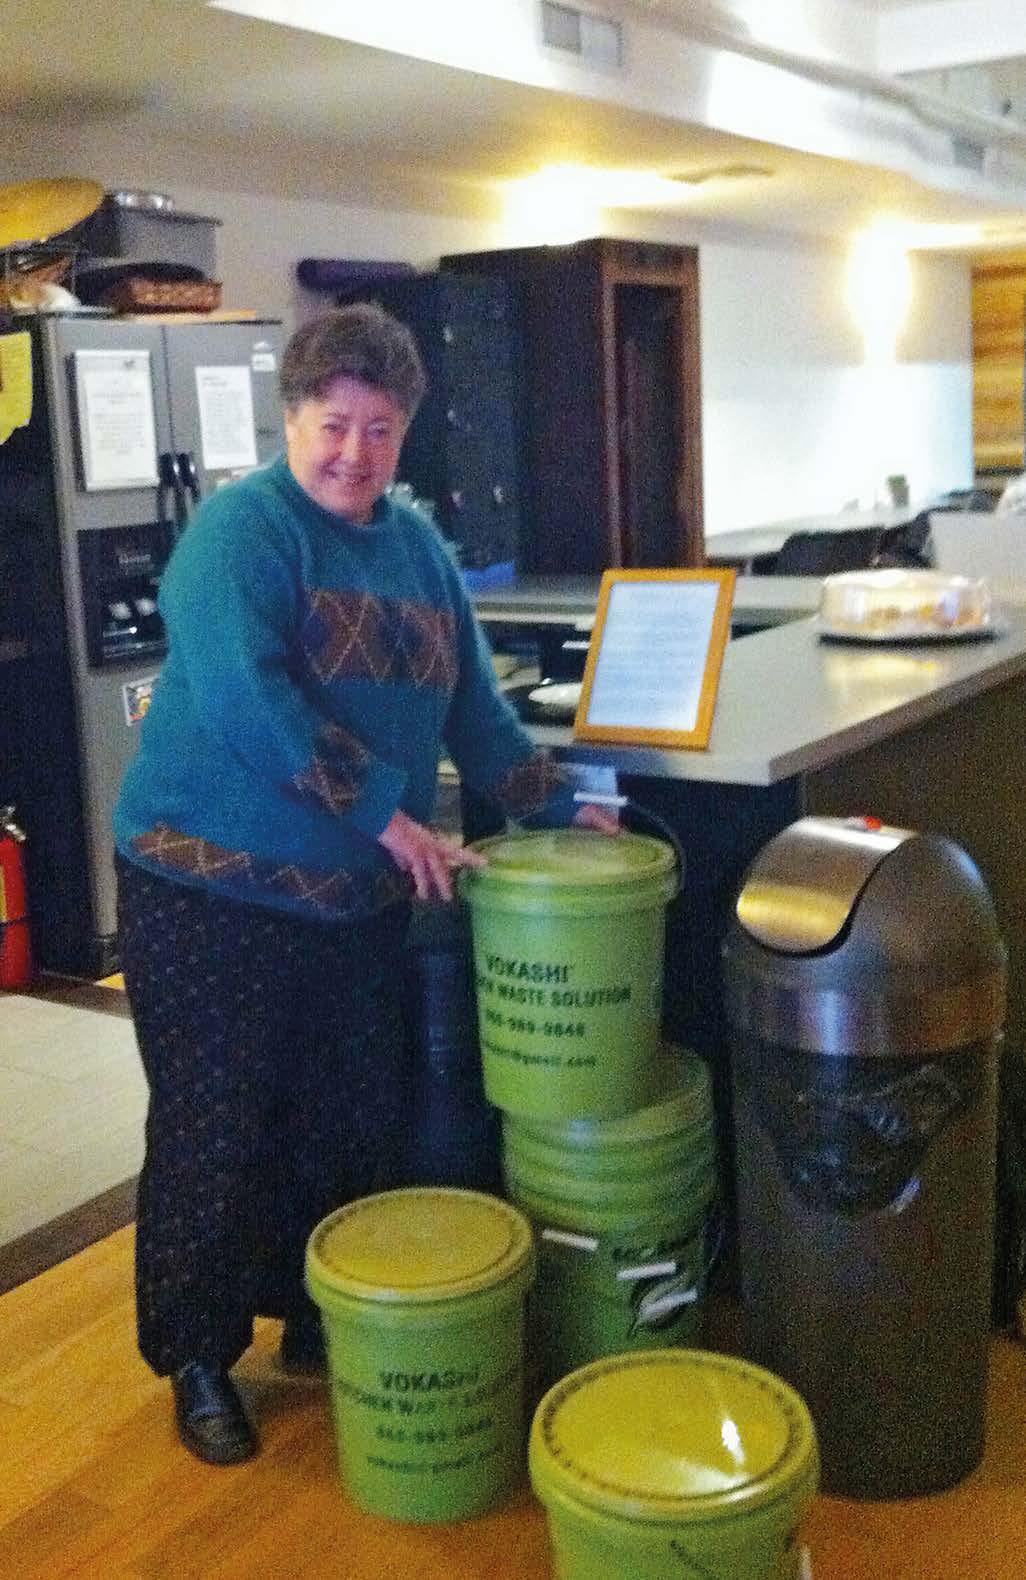 Vandra Thorburn wechselt in einem Manhattener Großraumbüro leere Eimer gegen volle aus.